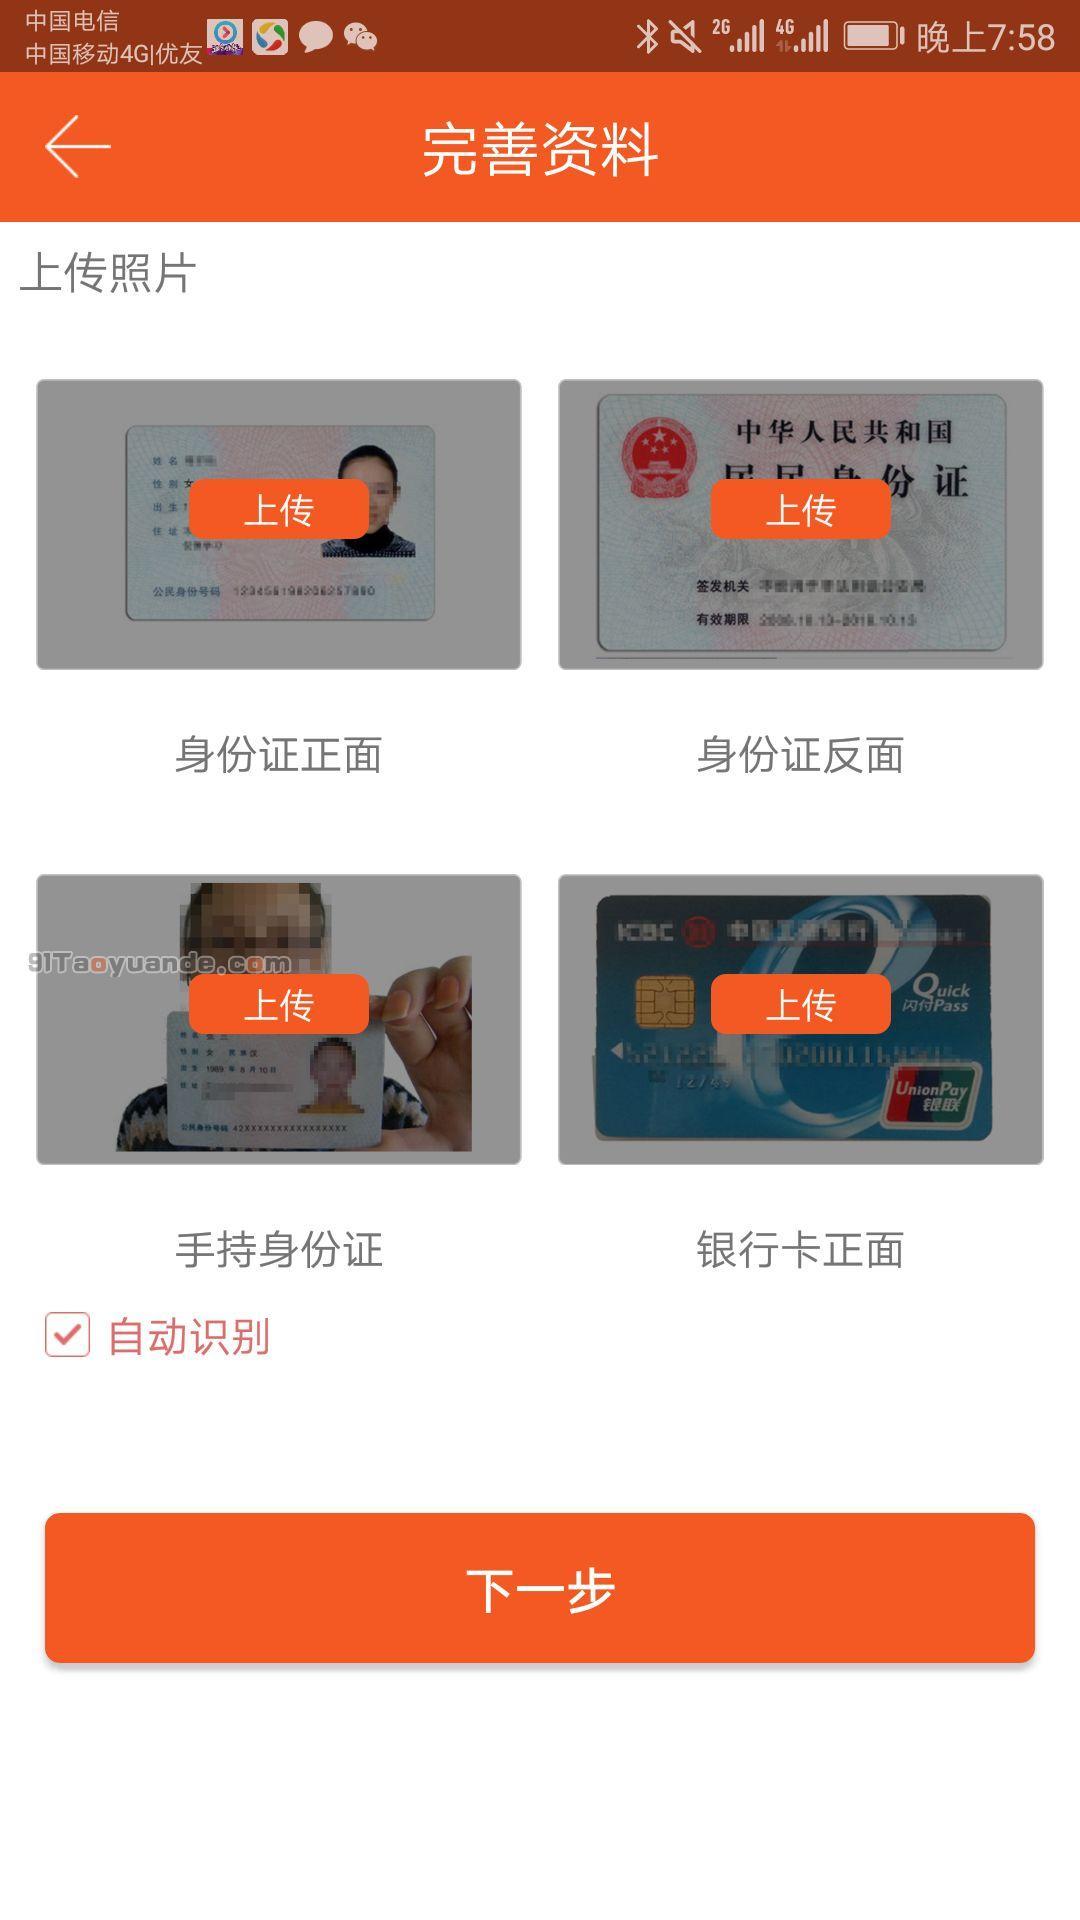 安收宝POS机注册激活及刷卡流程 第7张